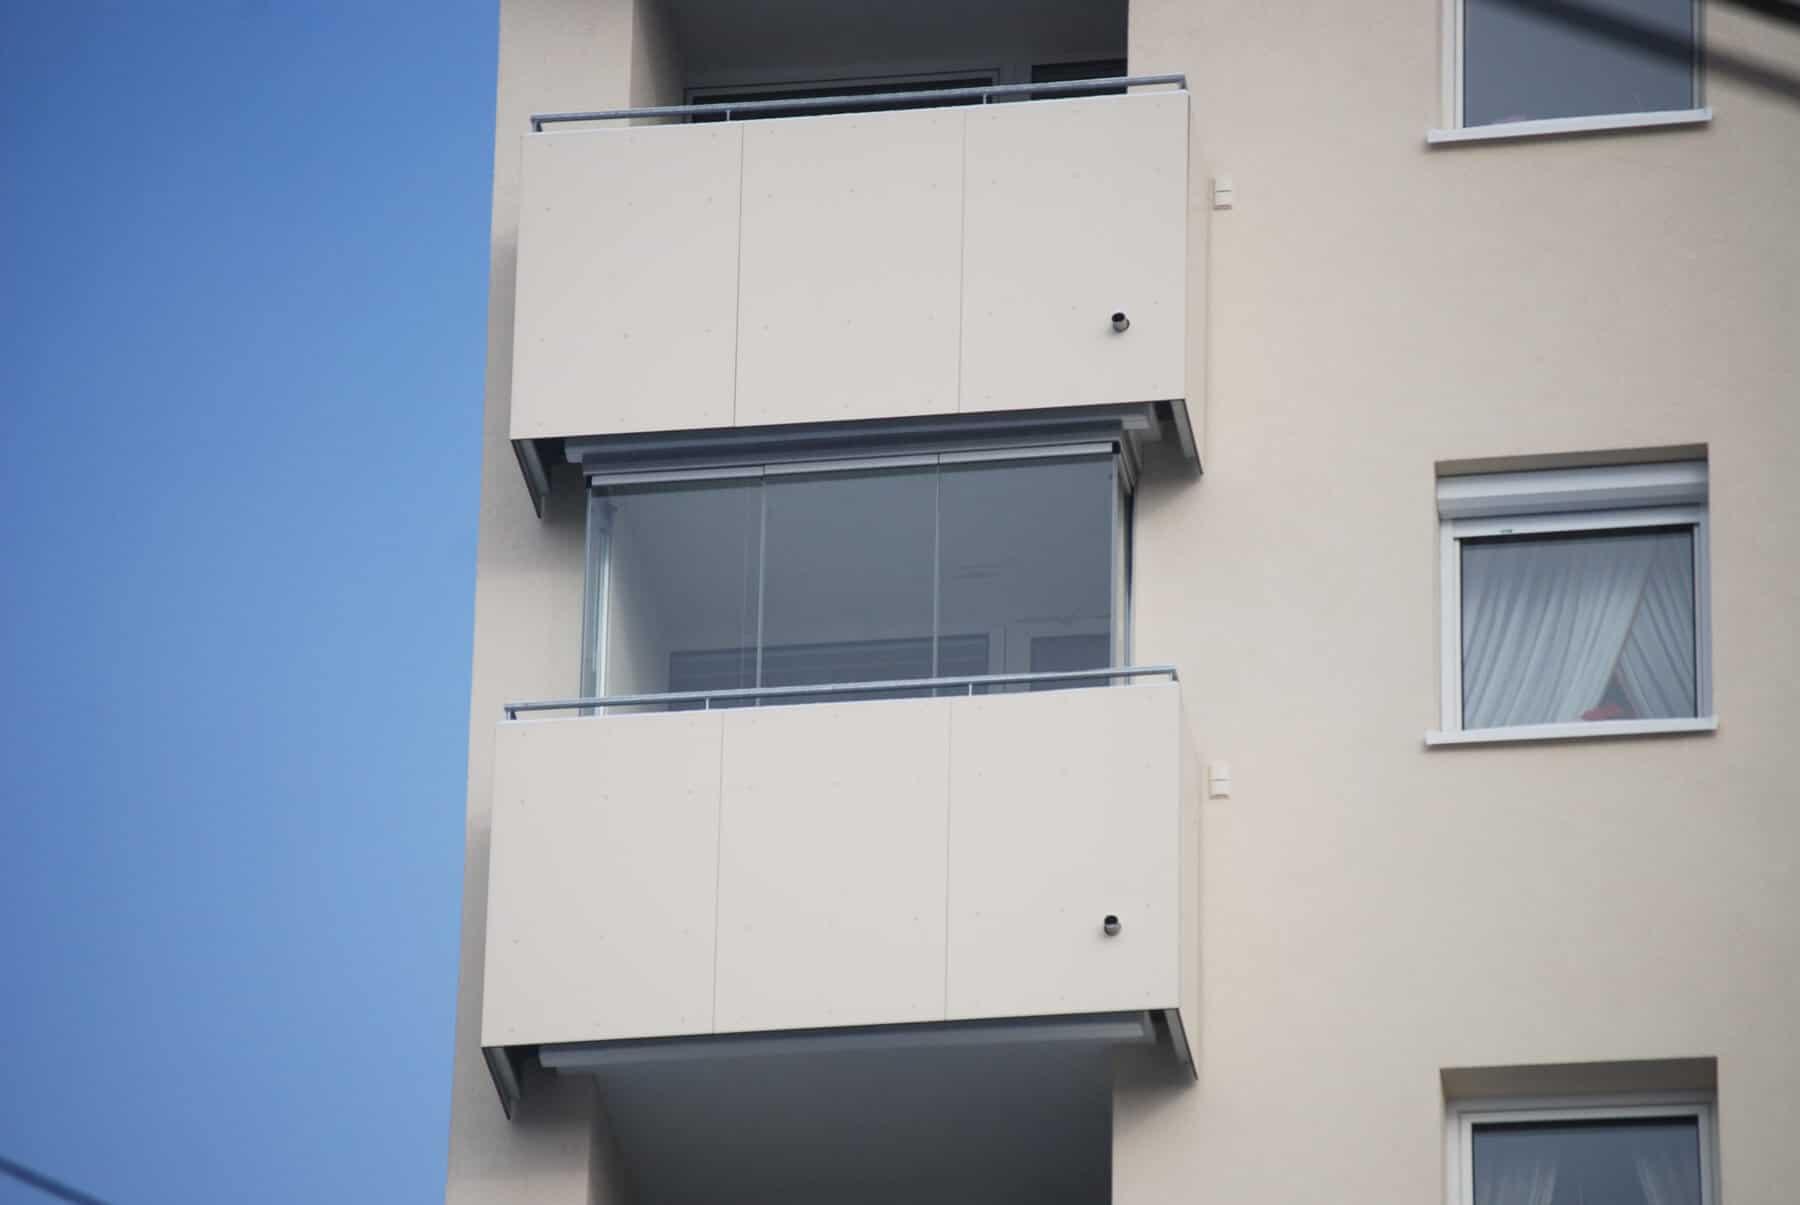 Balkonverglasung für Wohnhaus